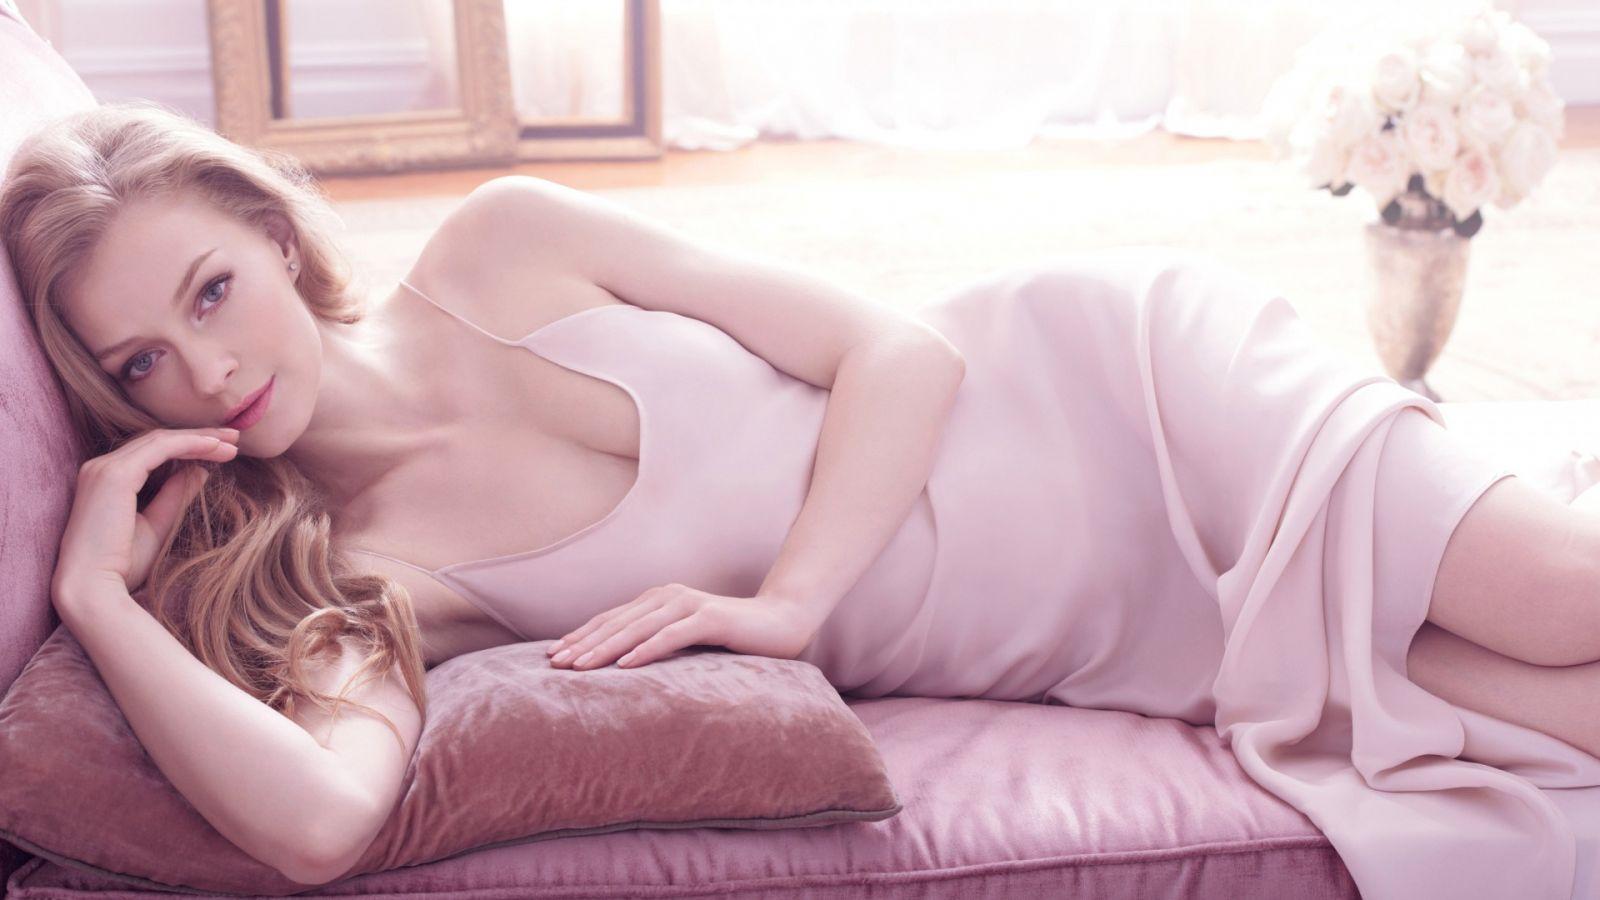 Самая сексуальная девушка мира эротика 1 фотография